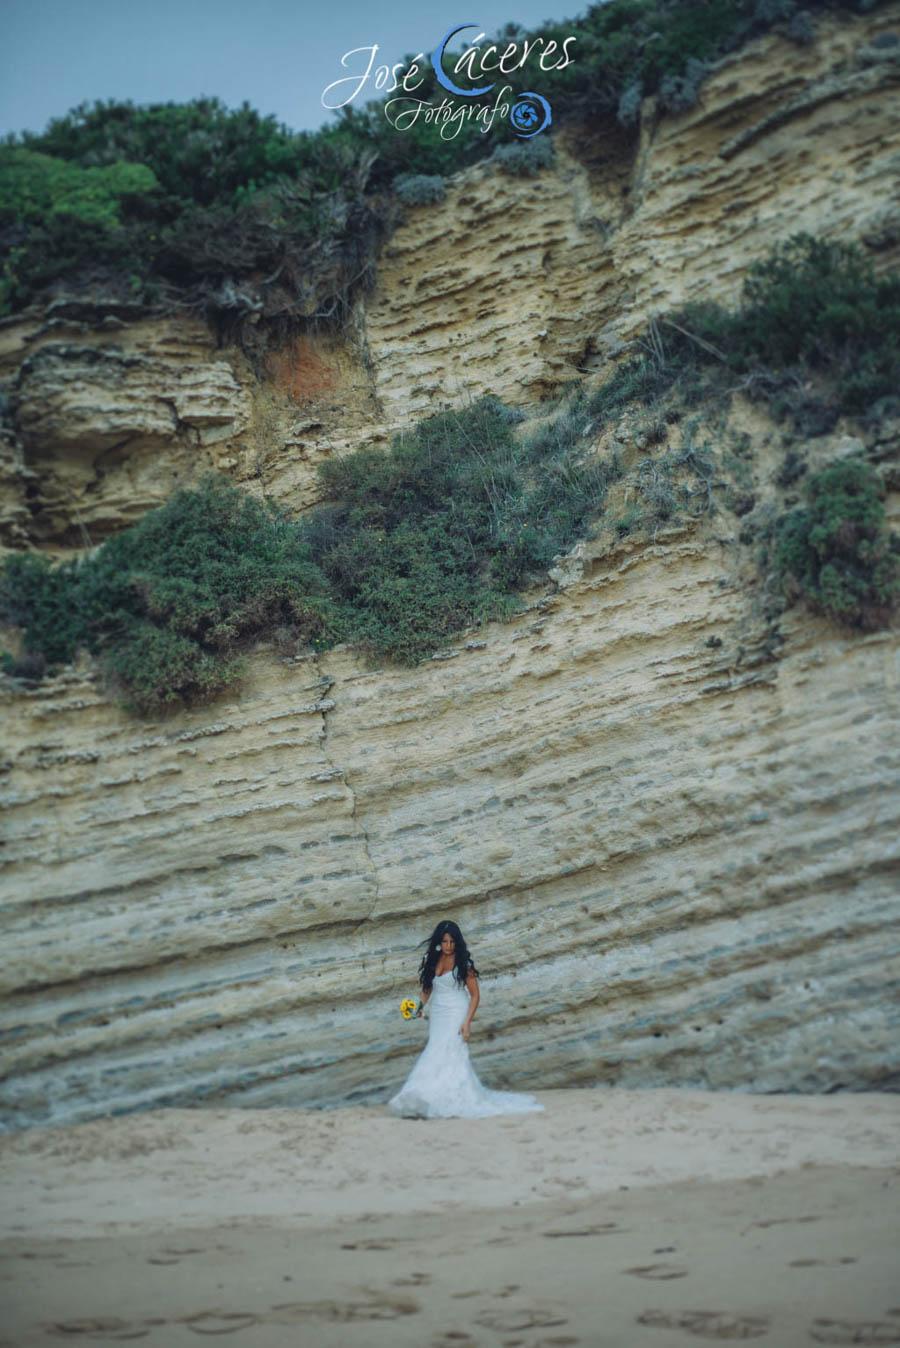 Sesion fotografica de jose caceres fotografia, post boda leticia y jose luis, playas-6